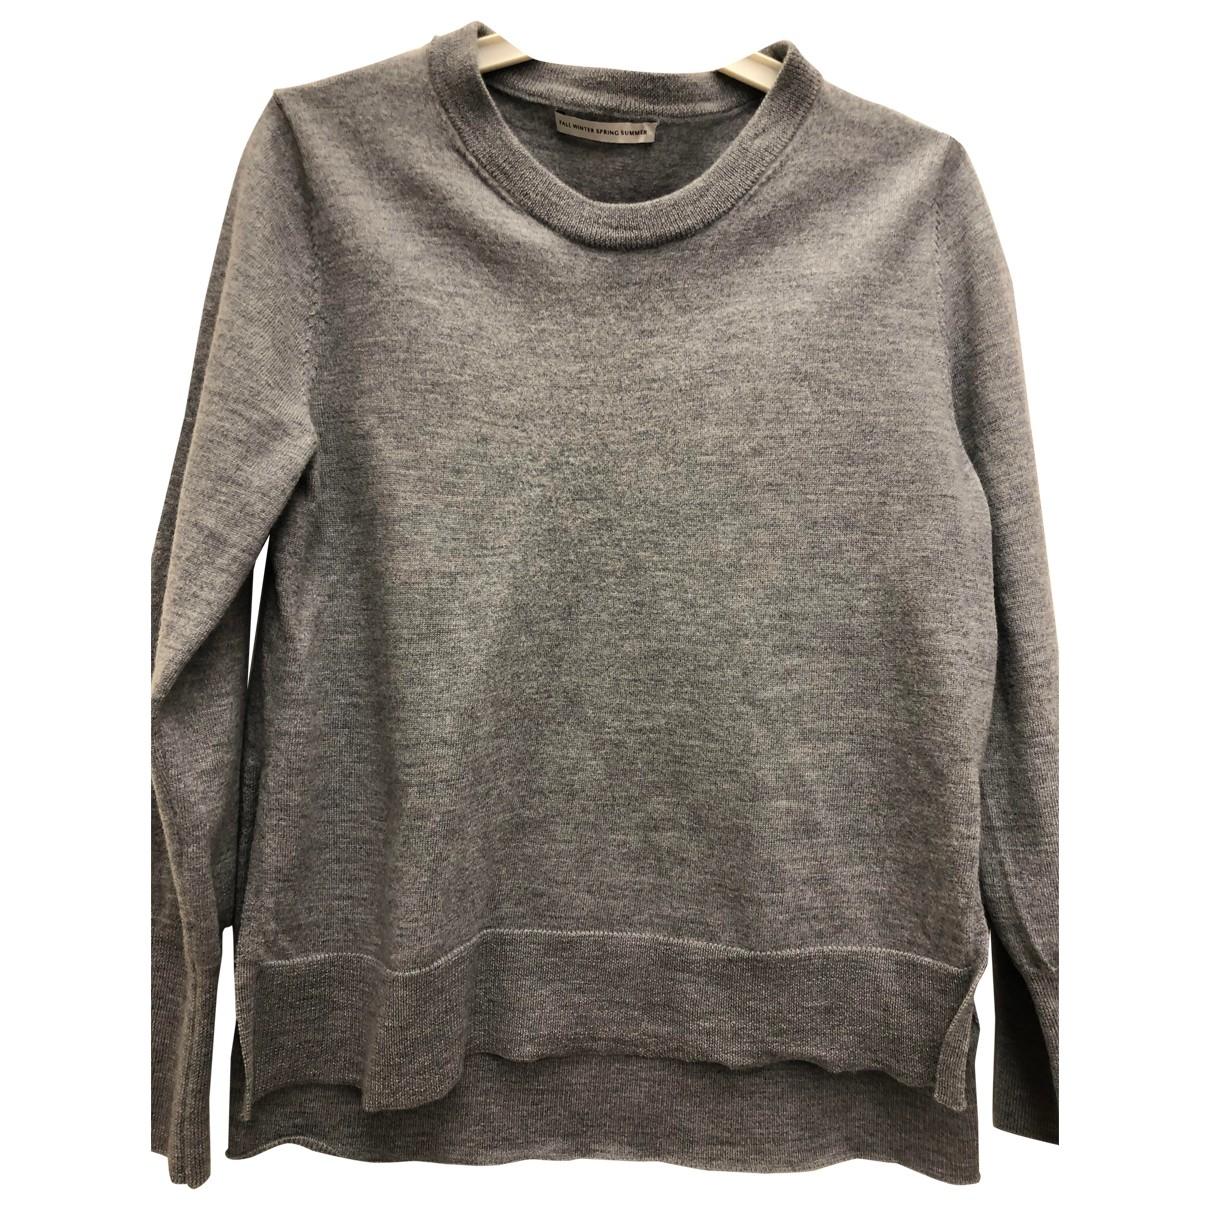 Fallwinterspringsummer \N Pullover in  Grau Wolle